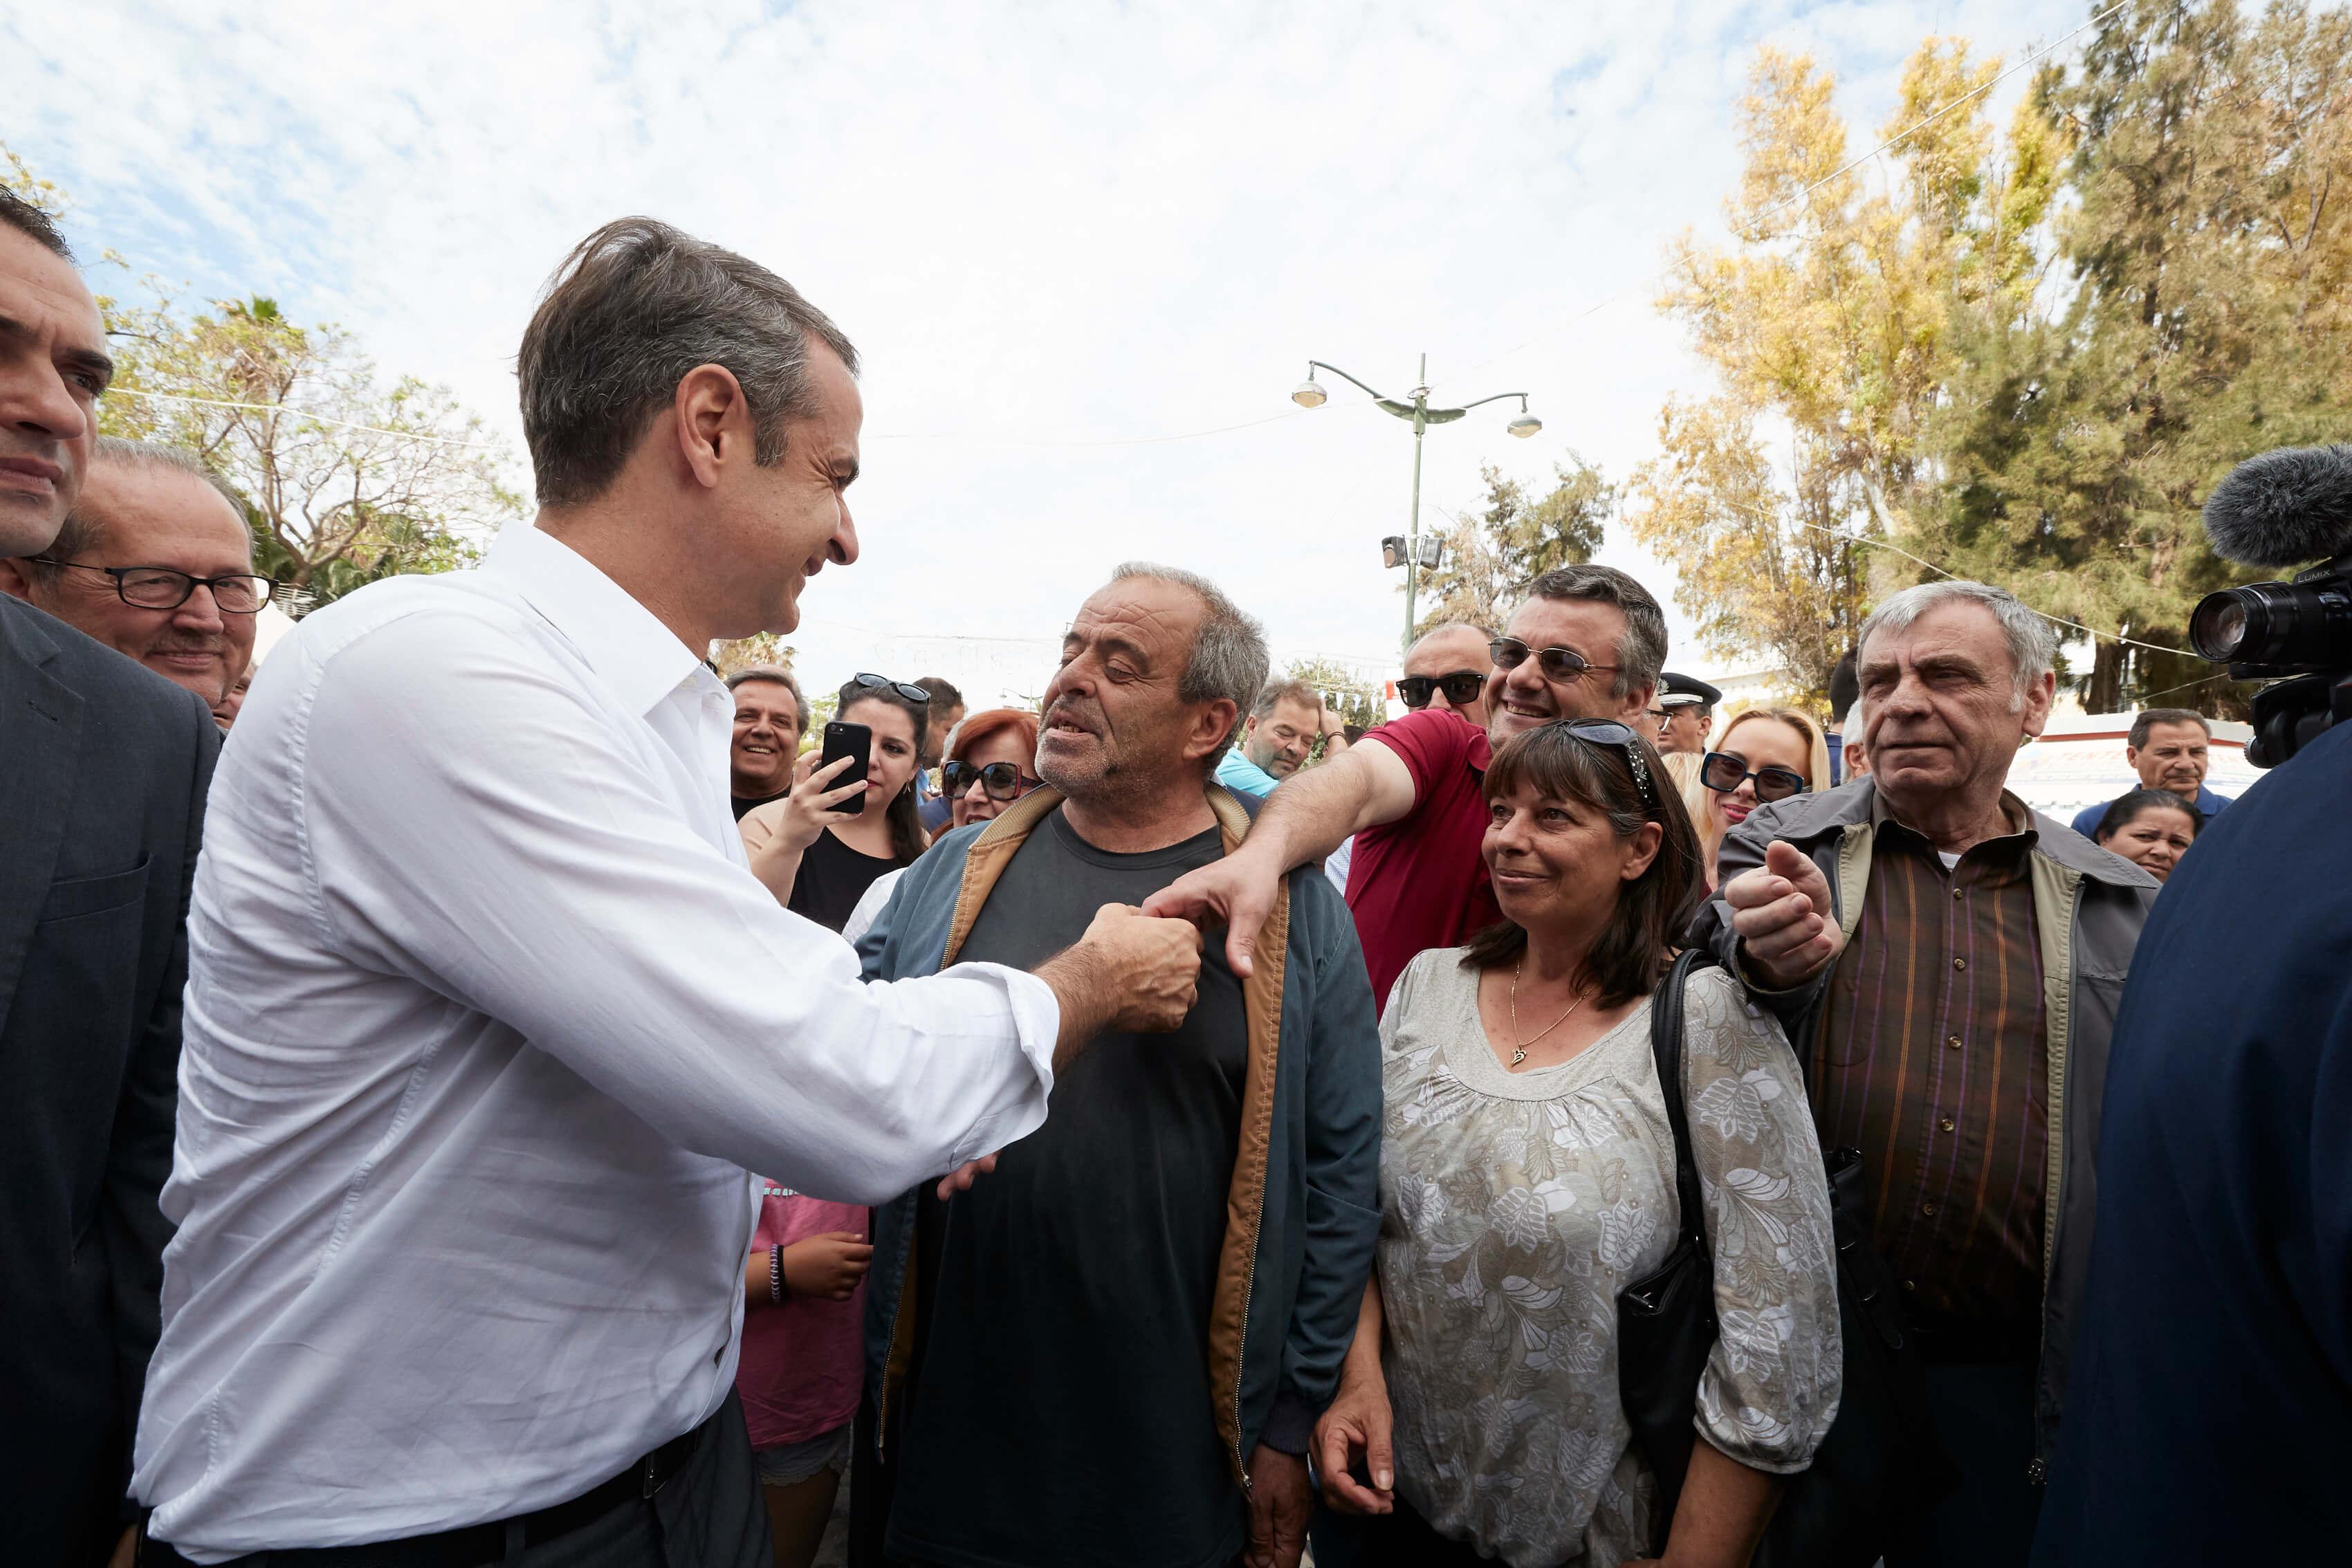 «Σίγουρος πρωθυπουργός είσαι» - Η ατάκα στον Μητσοτάκη – Βόλτα στην Κόρινθο με τη Μαρέβα και υπόσχεση: «Θα είμαι πρωθυπουργός όλων»